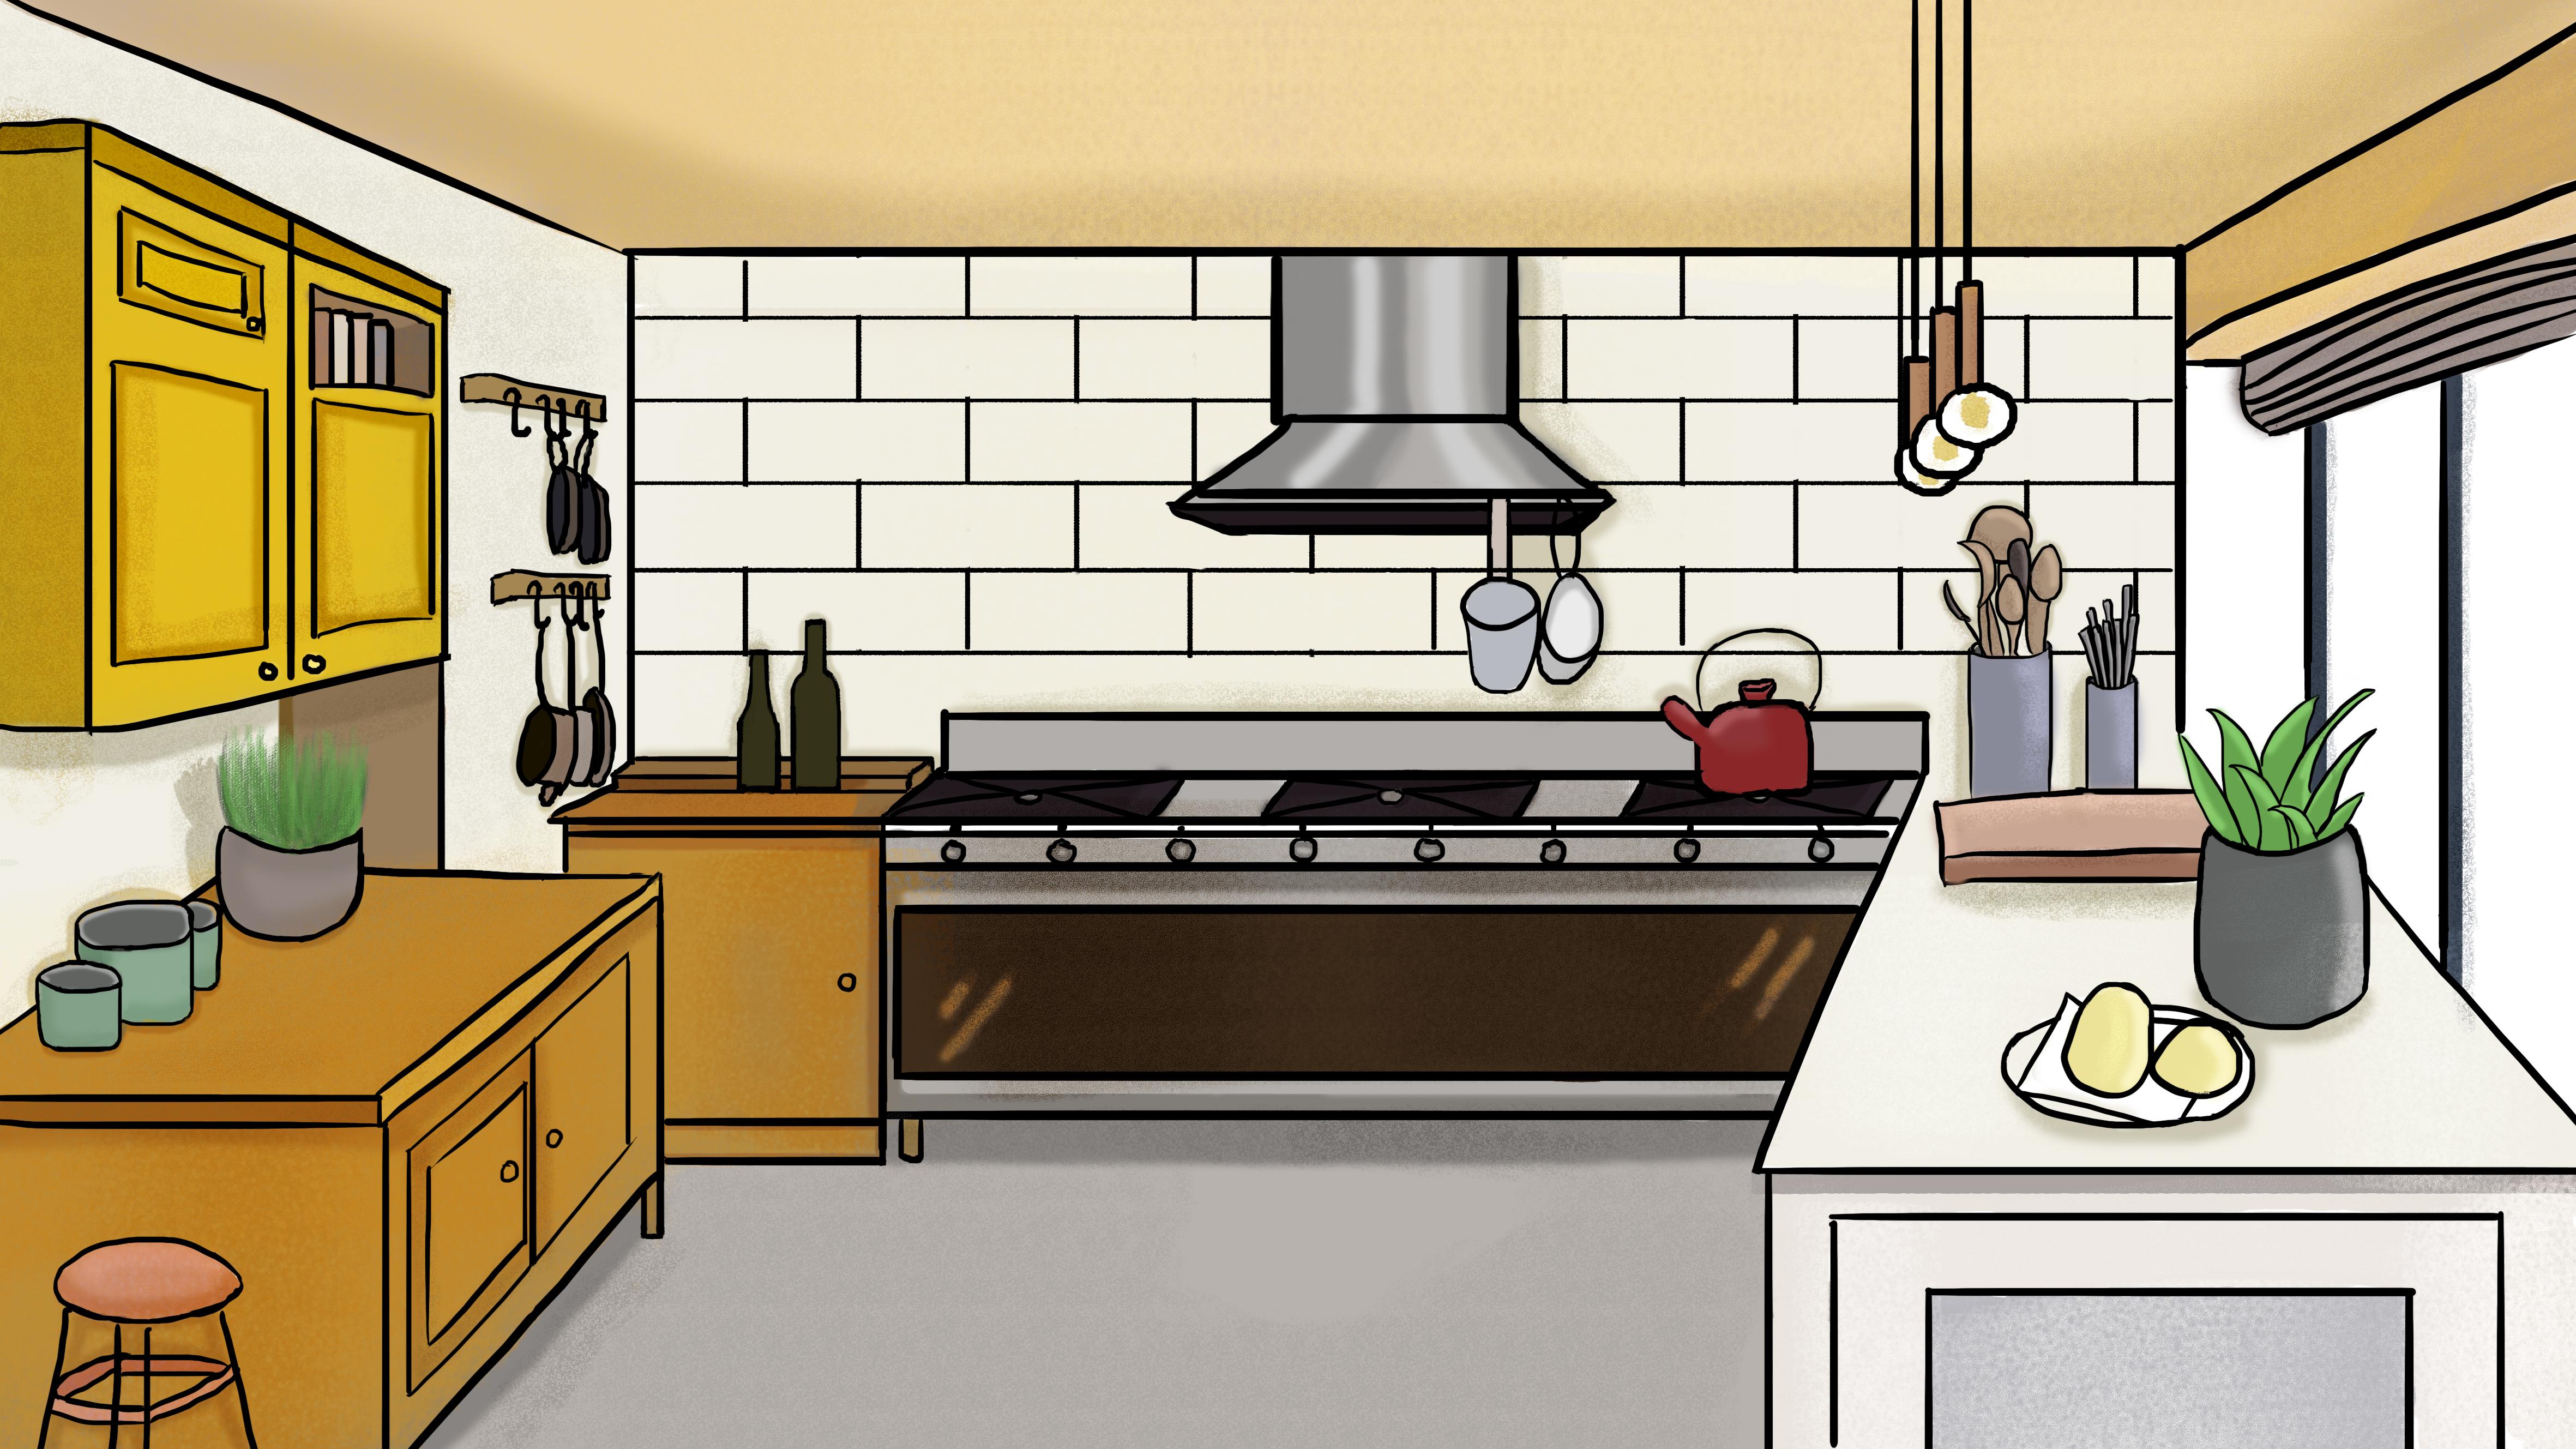 бассейны кухонные картинки мультяшные сильное